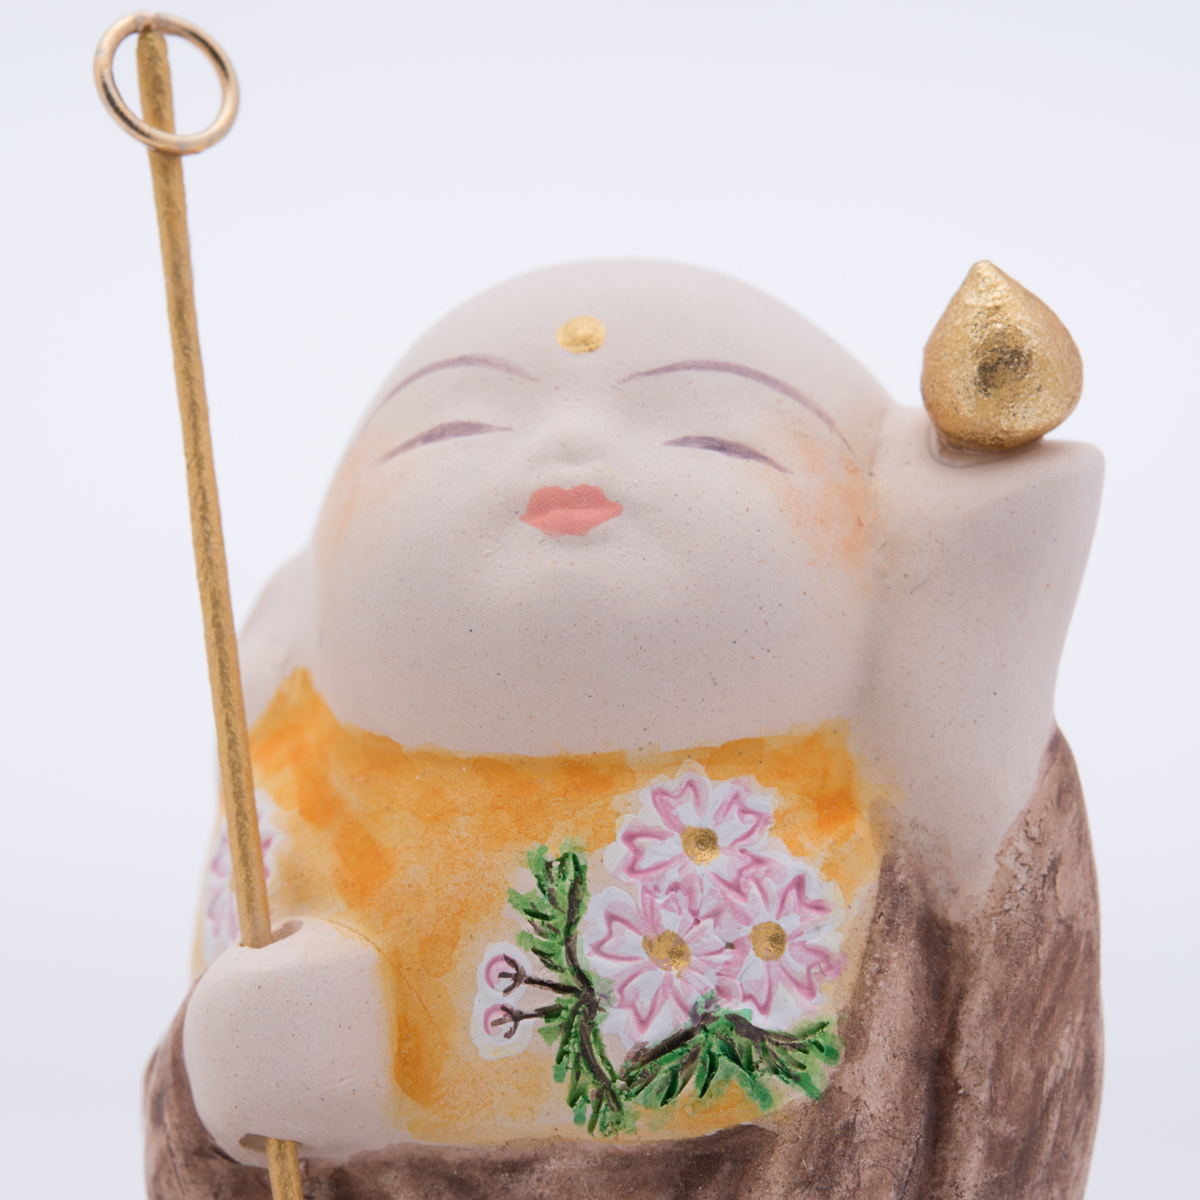 梶原博多人形工房 福岡伝統工芸 夢叶地蔵 〔人形3・木札・台座〕